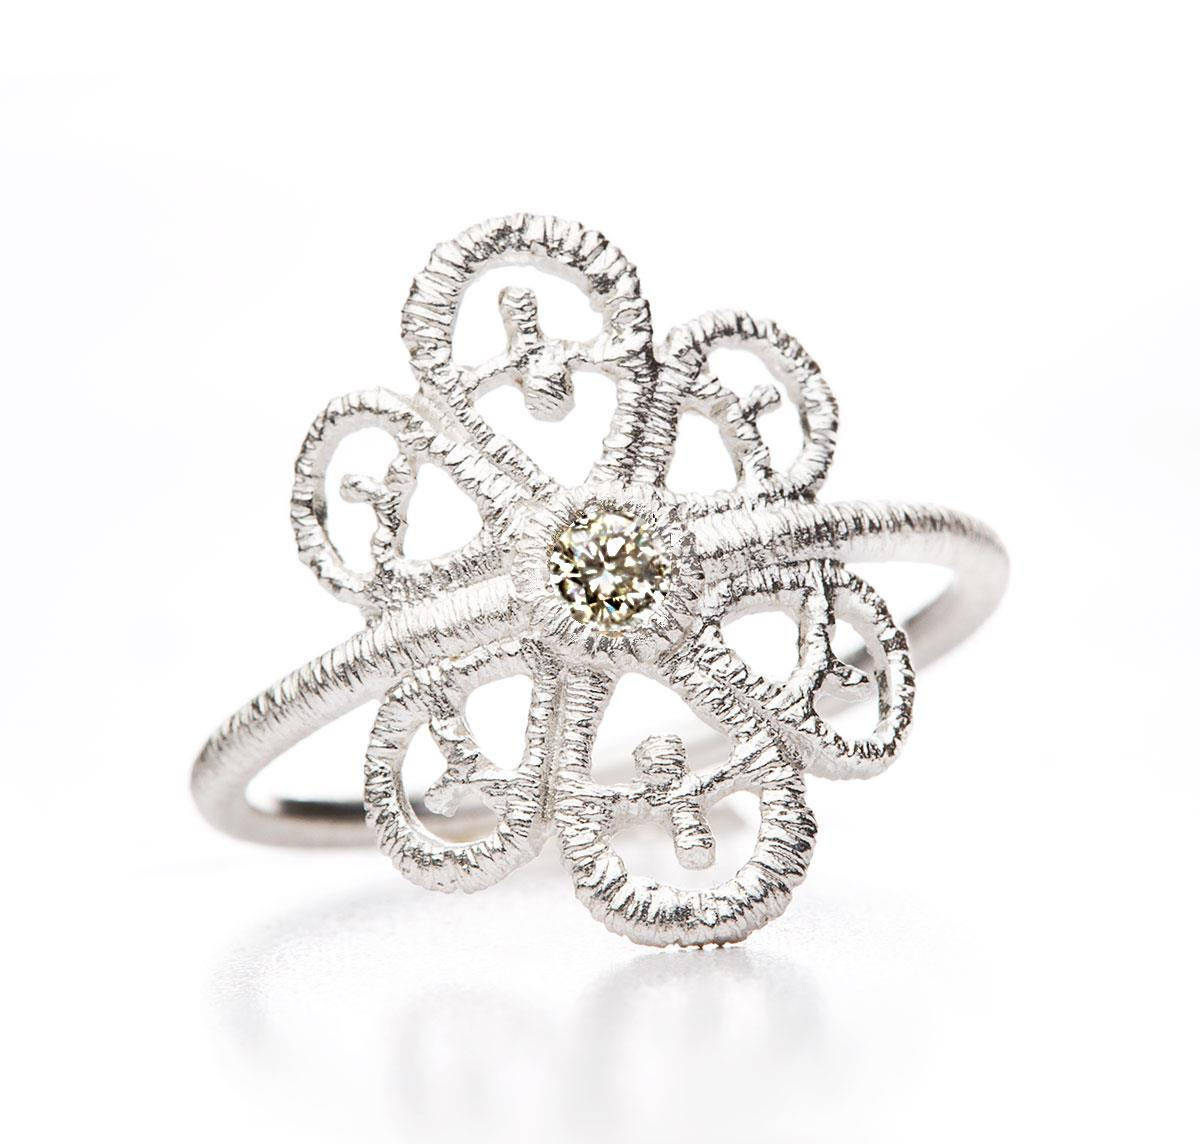 Ring Carmina Diamant 925 Silber - Brigitte Adolph - 1273n-AG-cha-1